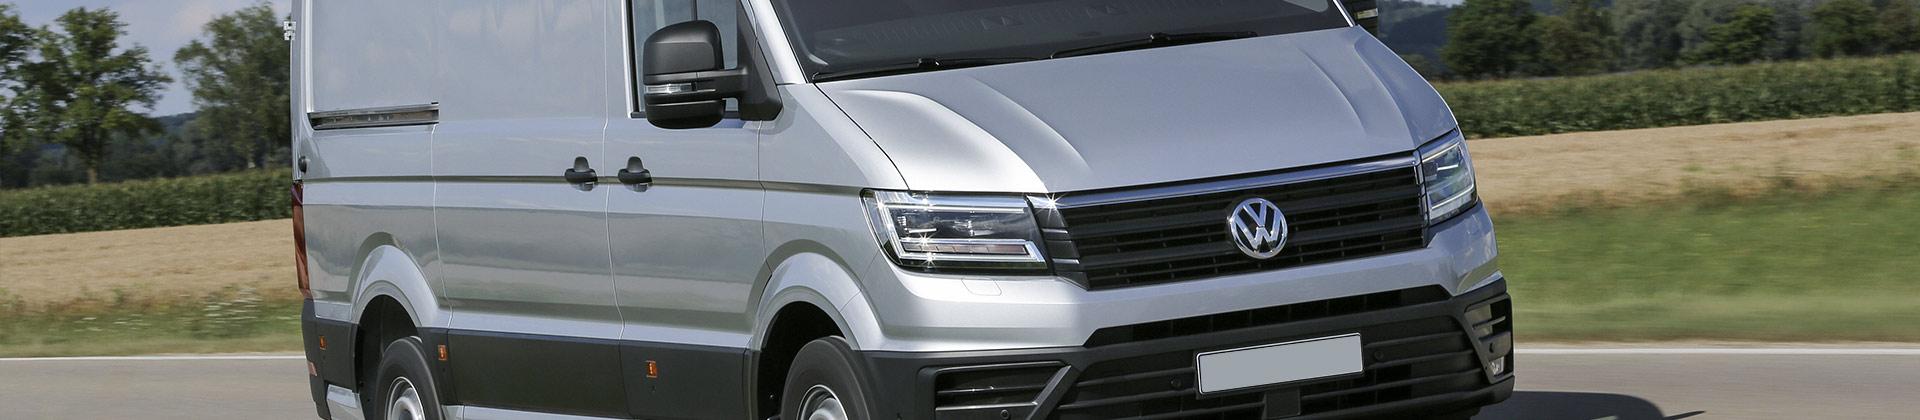 Volkswagen Crafter 2017: обшиваем новинку